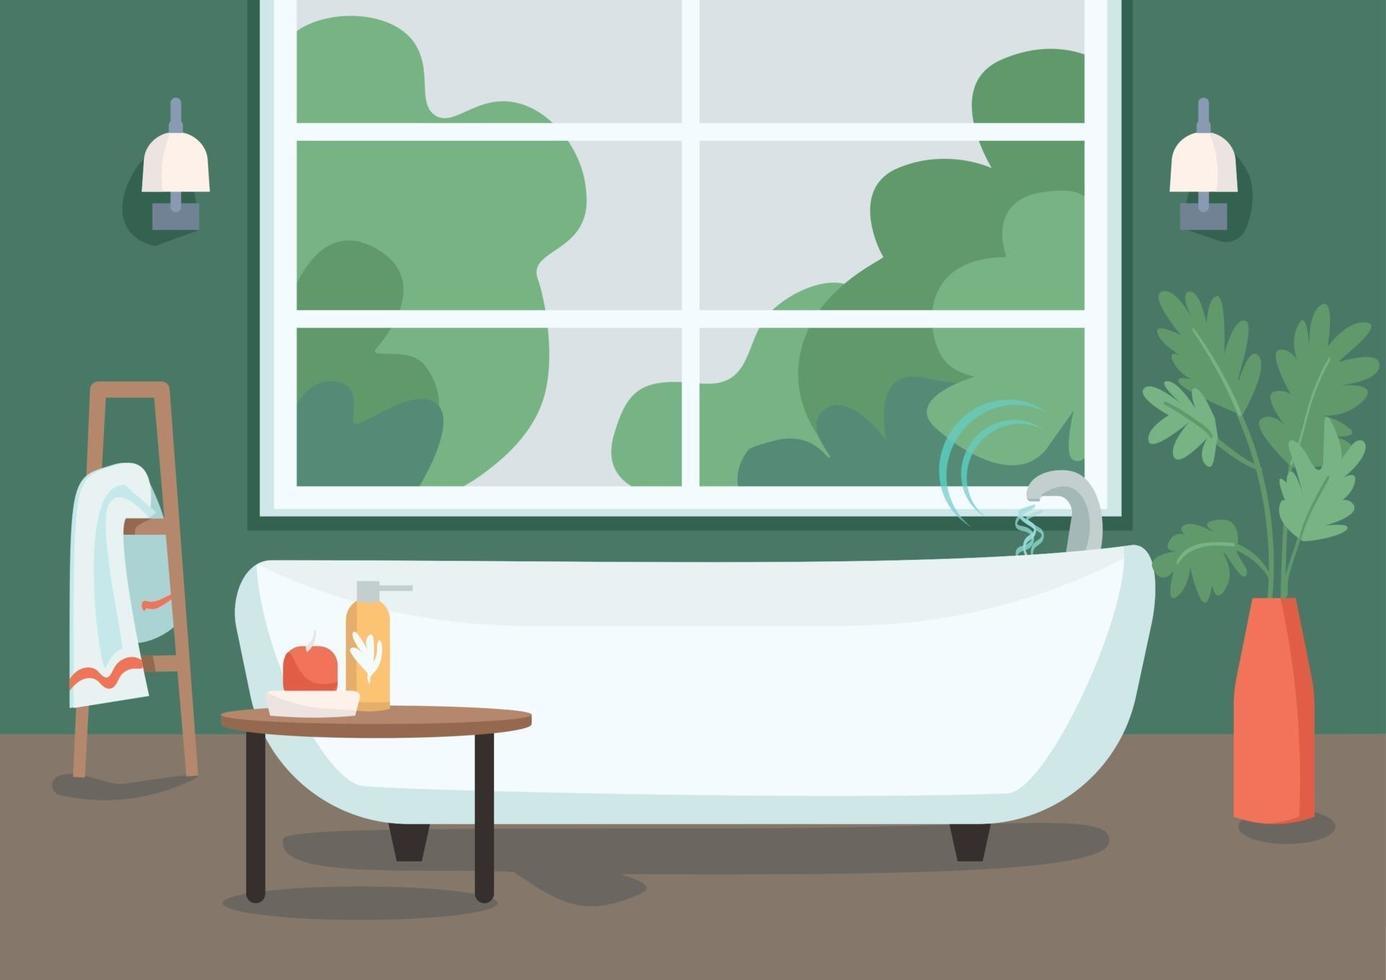 slimme bad egale kleur vectorillustratie. internet of things-technologie in het dagelijks leven. waterstroom afstandsbediening. modern appartement 2d cartoon interieur met badkamer op de achtergrond vector